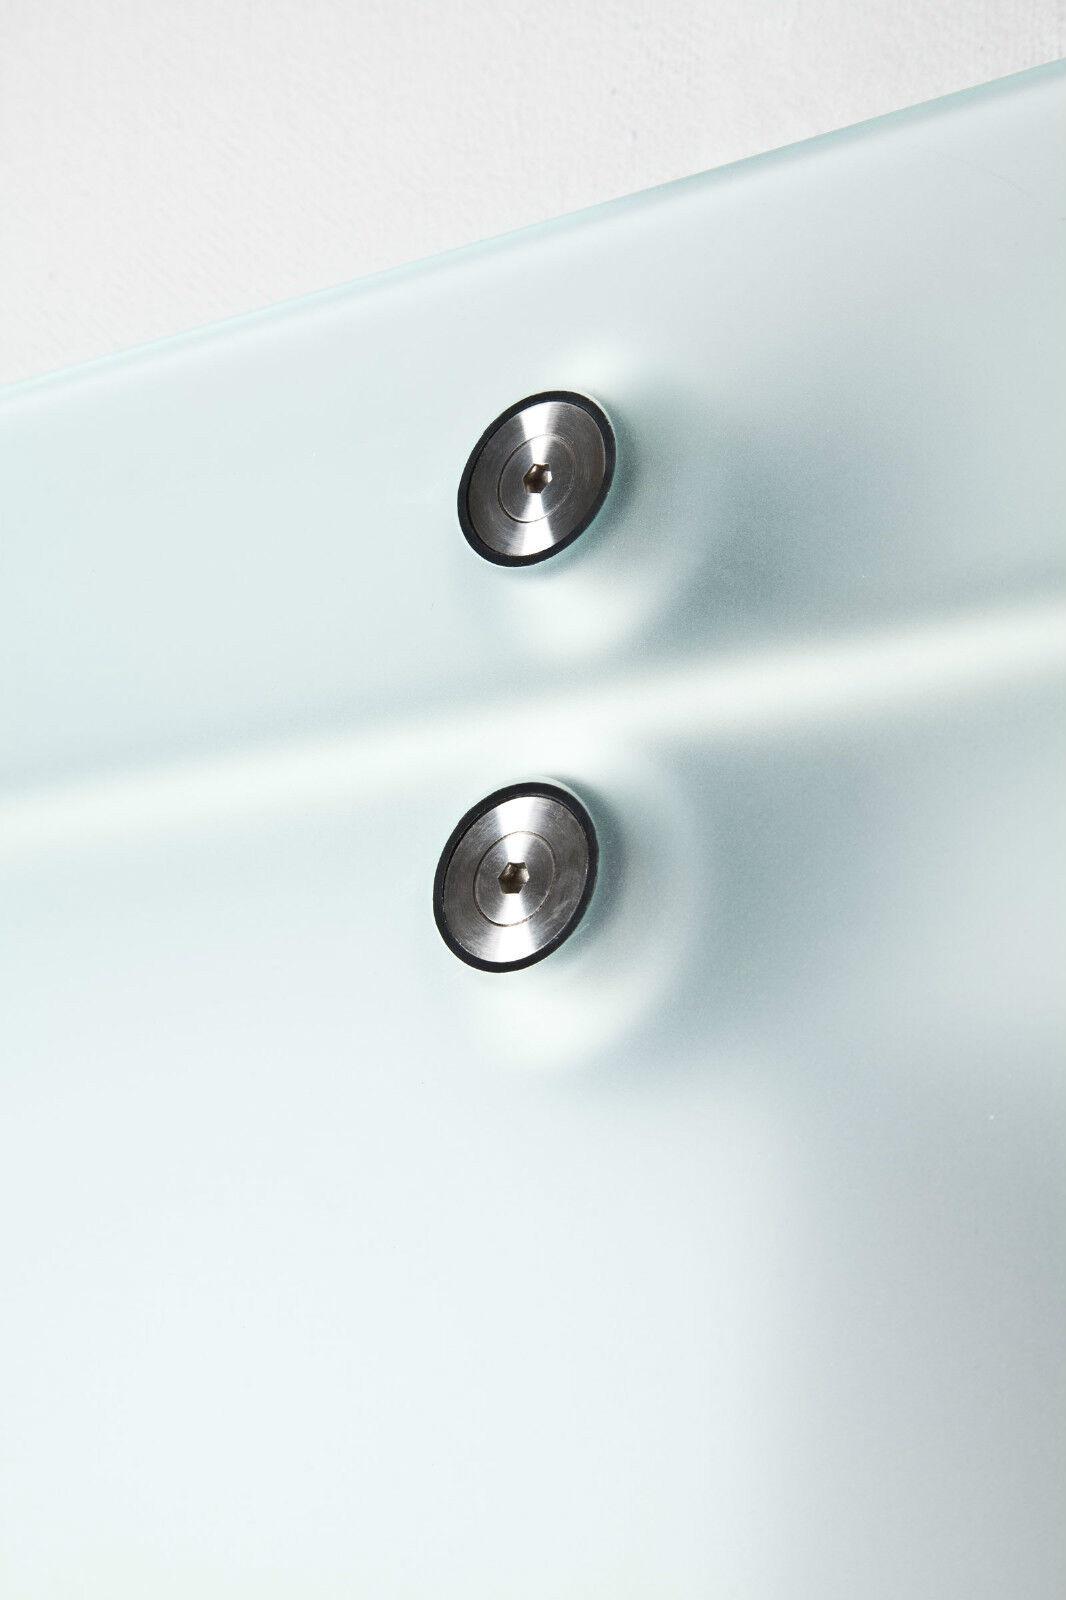 Glastürschiebesystem V2000 für Glastüren ohne Senkbohrung, Schienenlänge 2100 mm mm mm 46b5dd